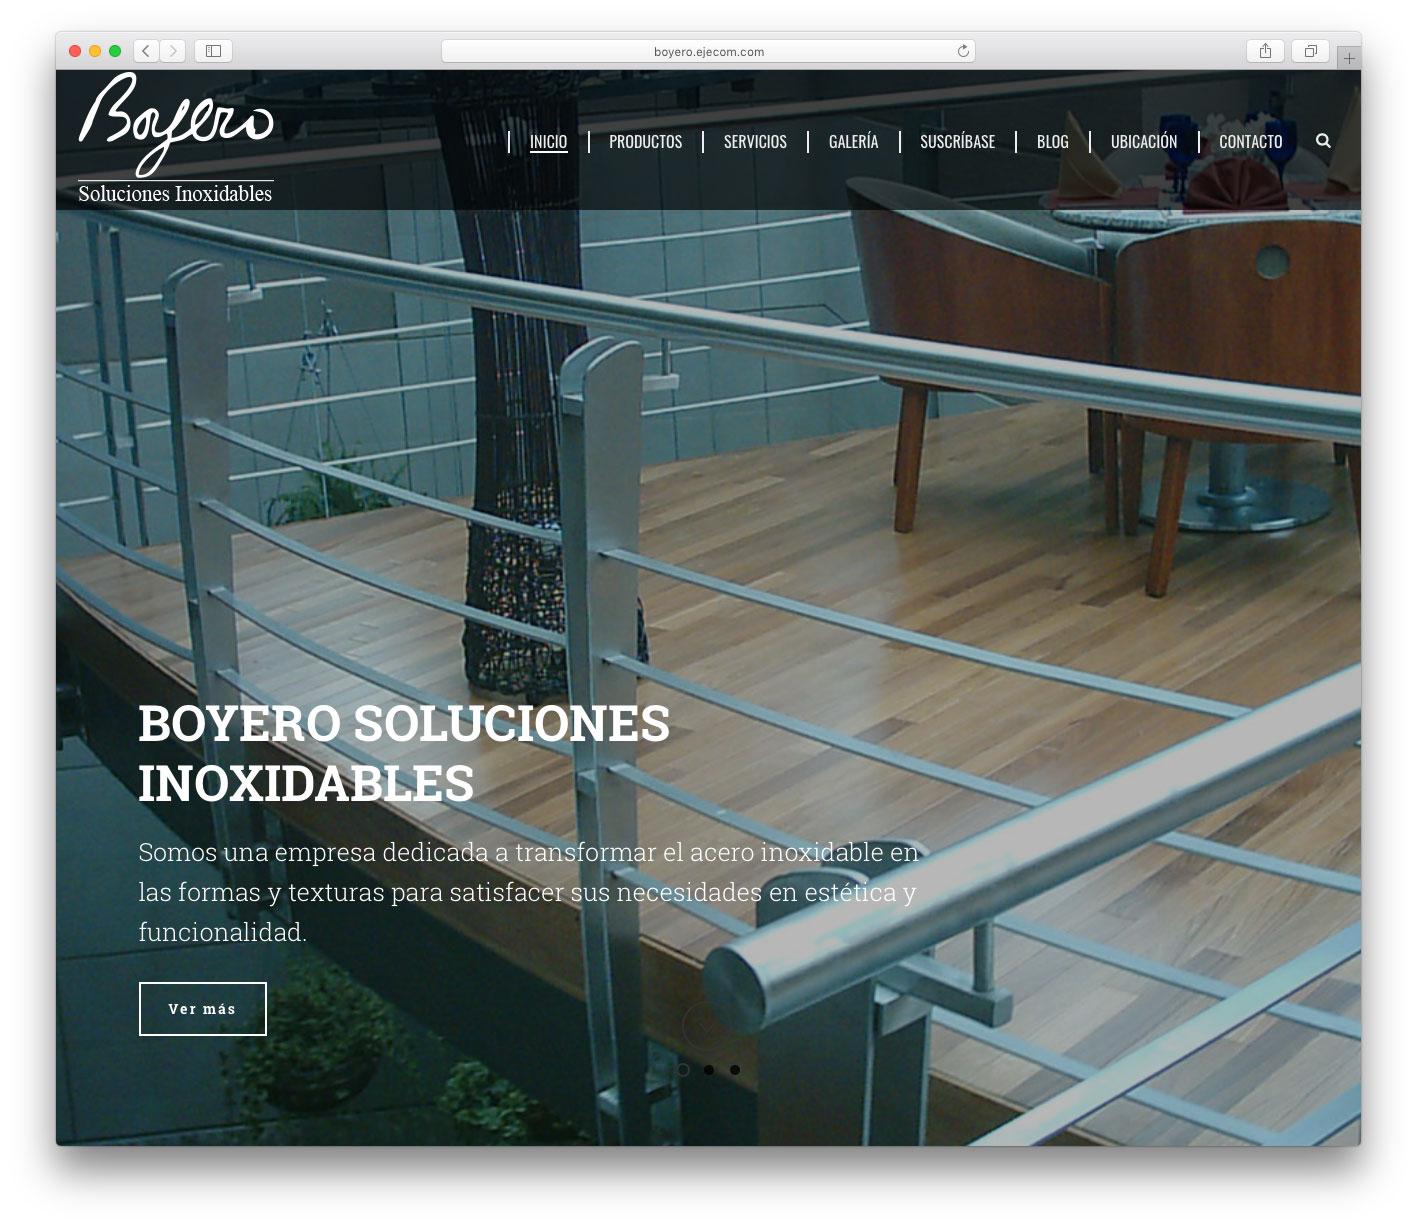 pagina-web-de-boyero